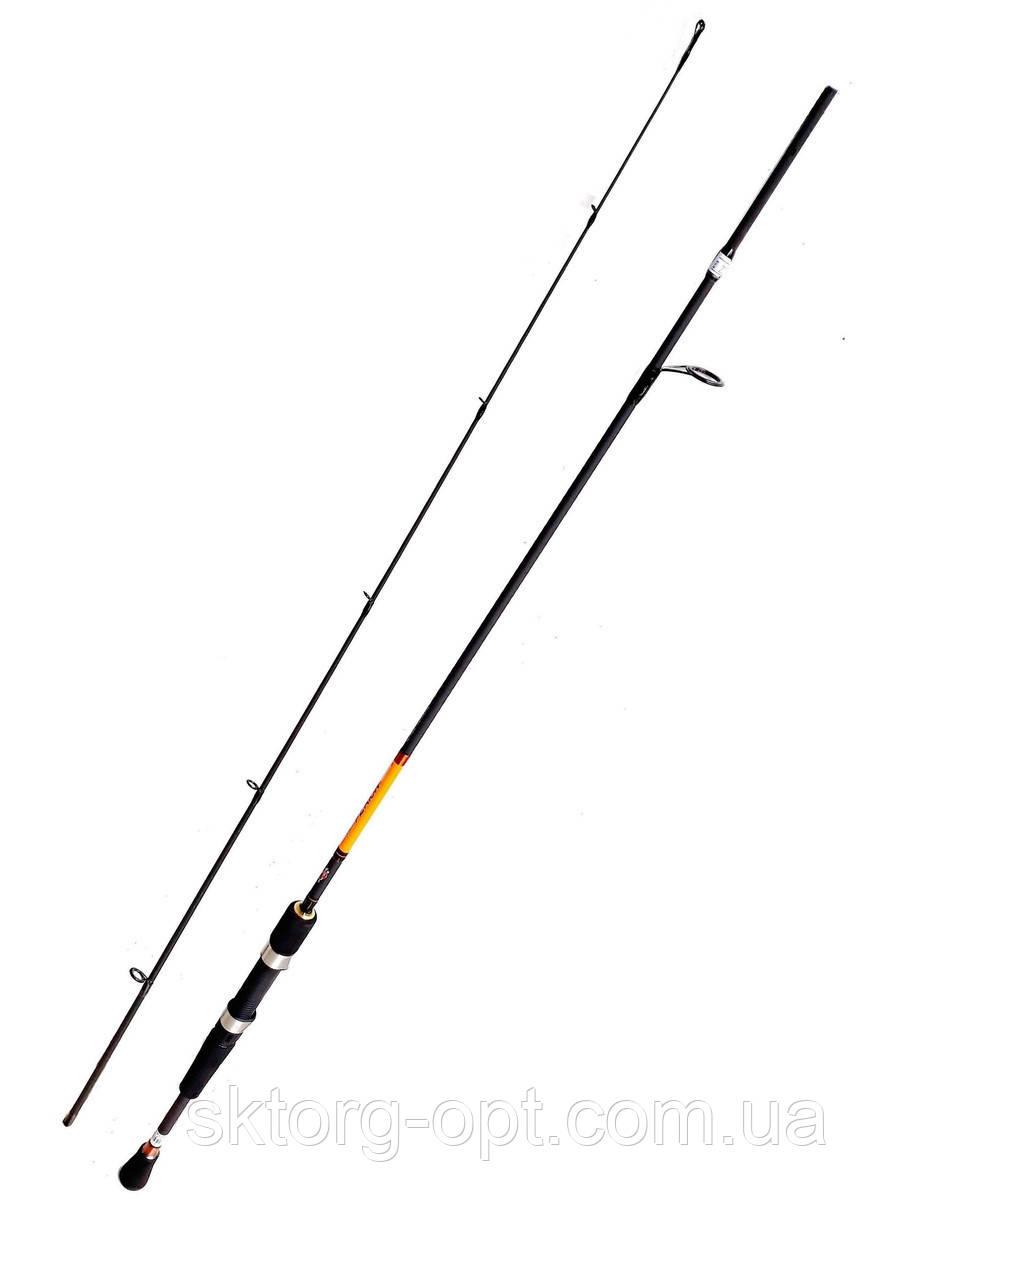 Спиннинг RS Fishing Hyperion 2.4 м 5-20 гр